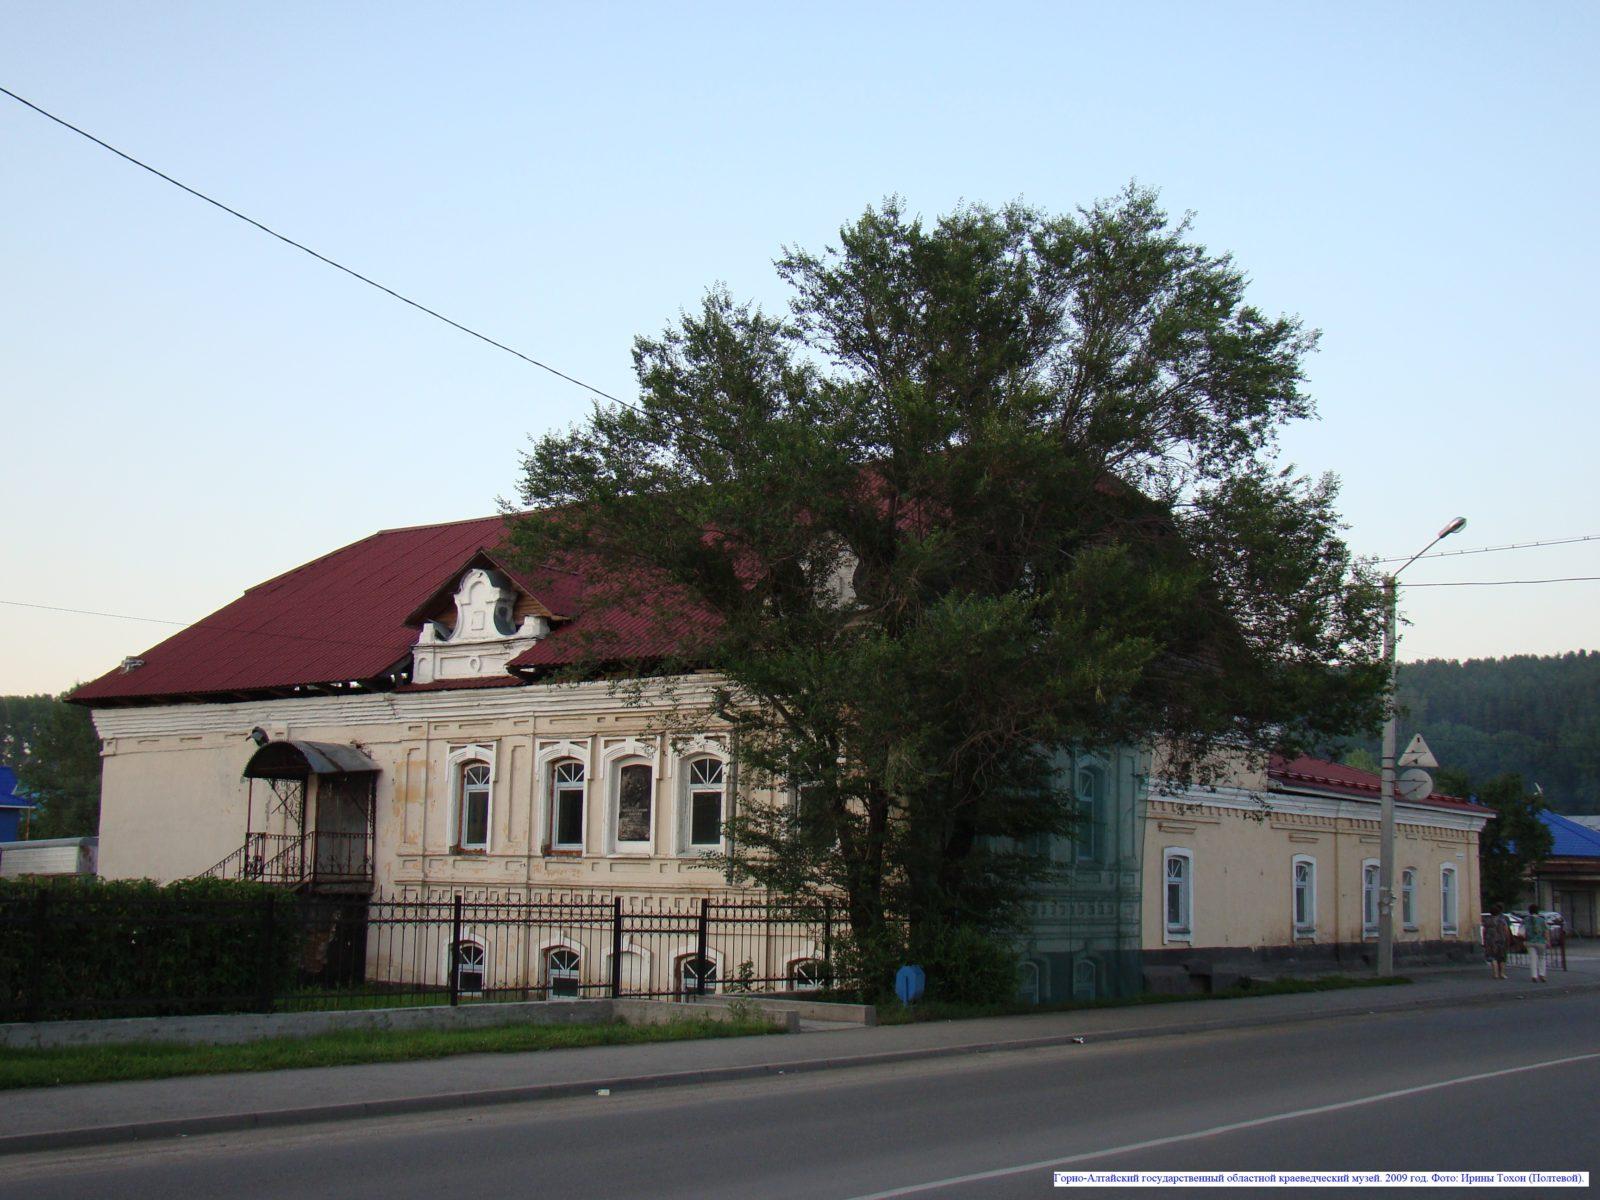 Горно-Алтайский государственный областной краеведческий музей. 2009 год.